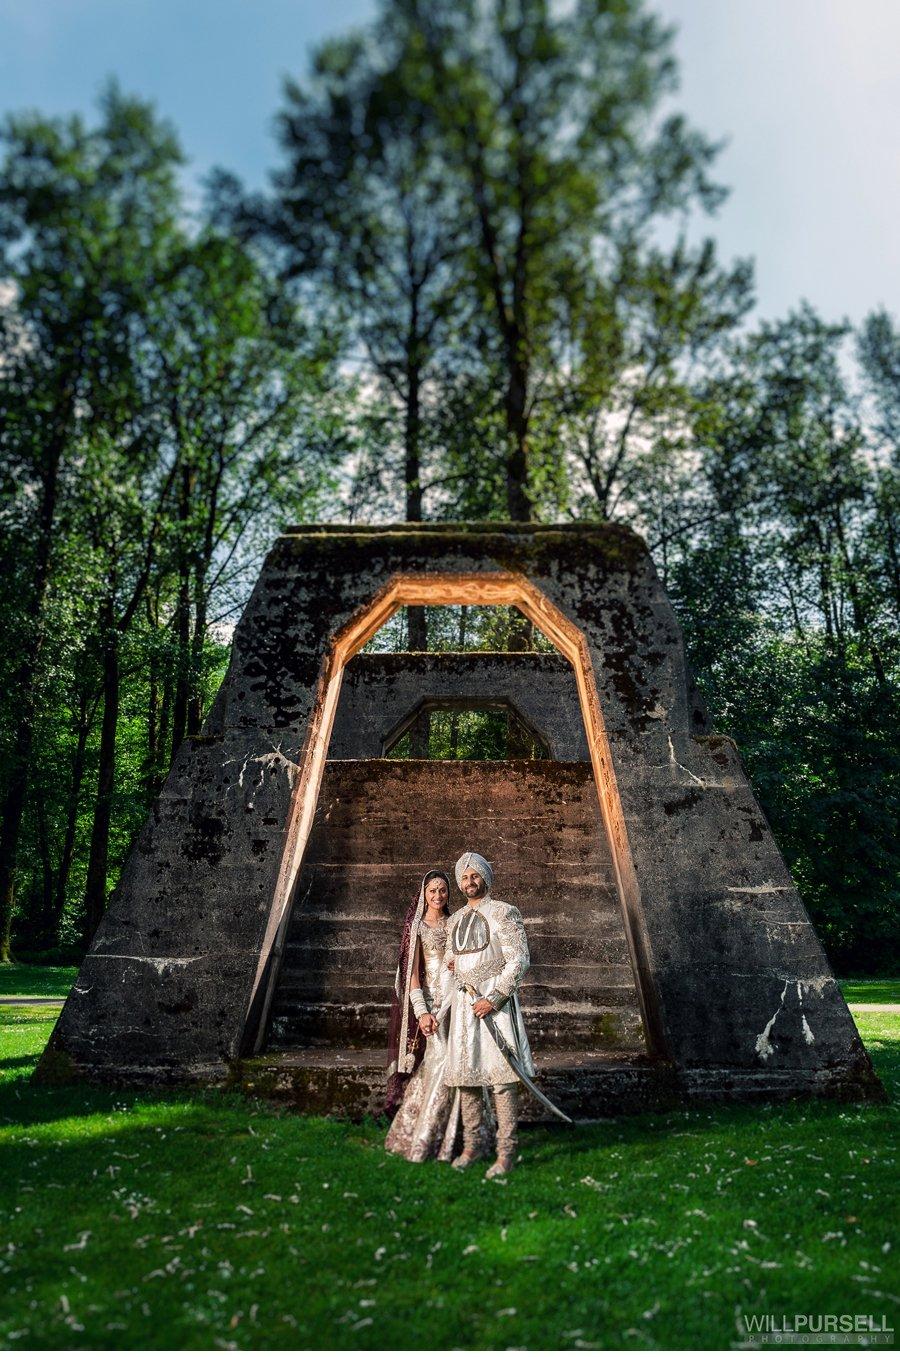 Sikh wedding portrait photo